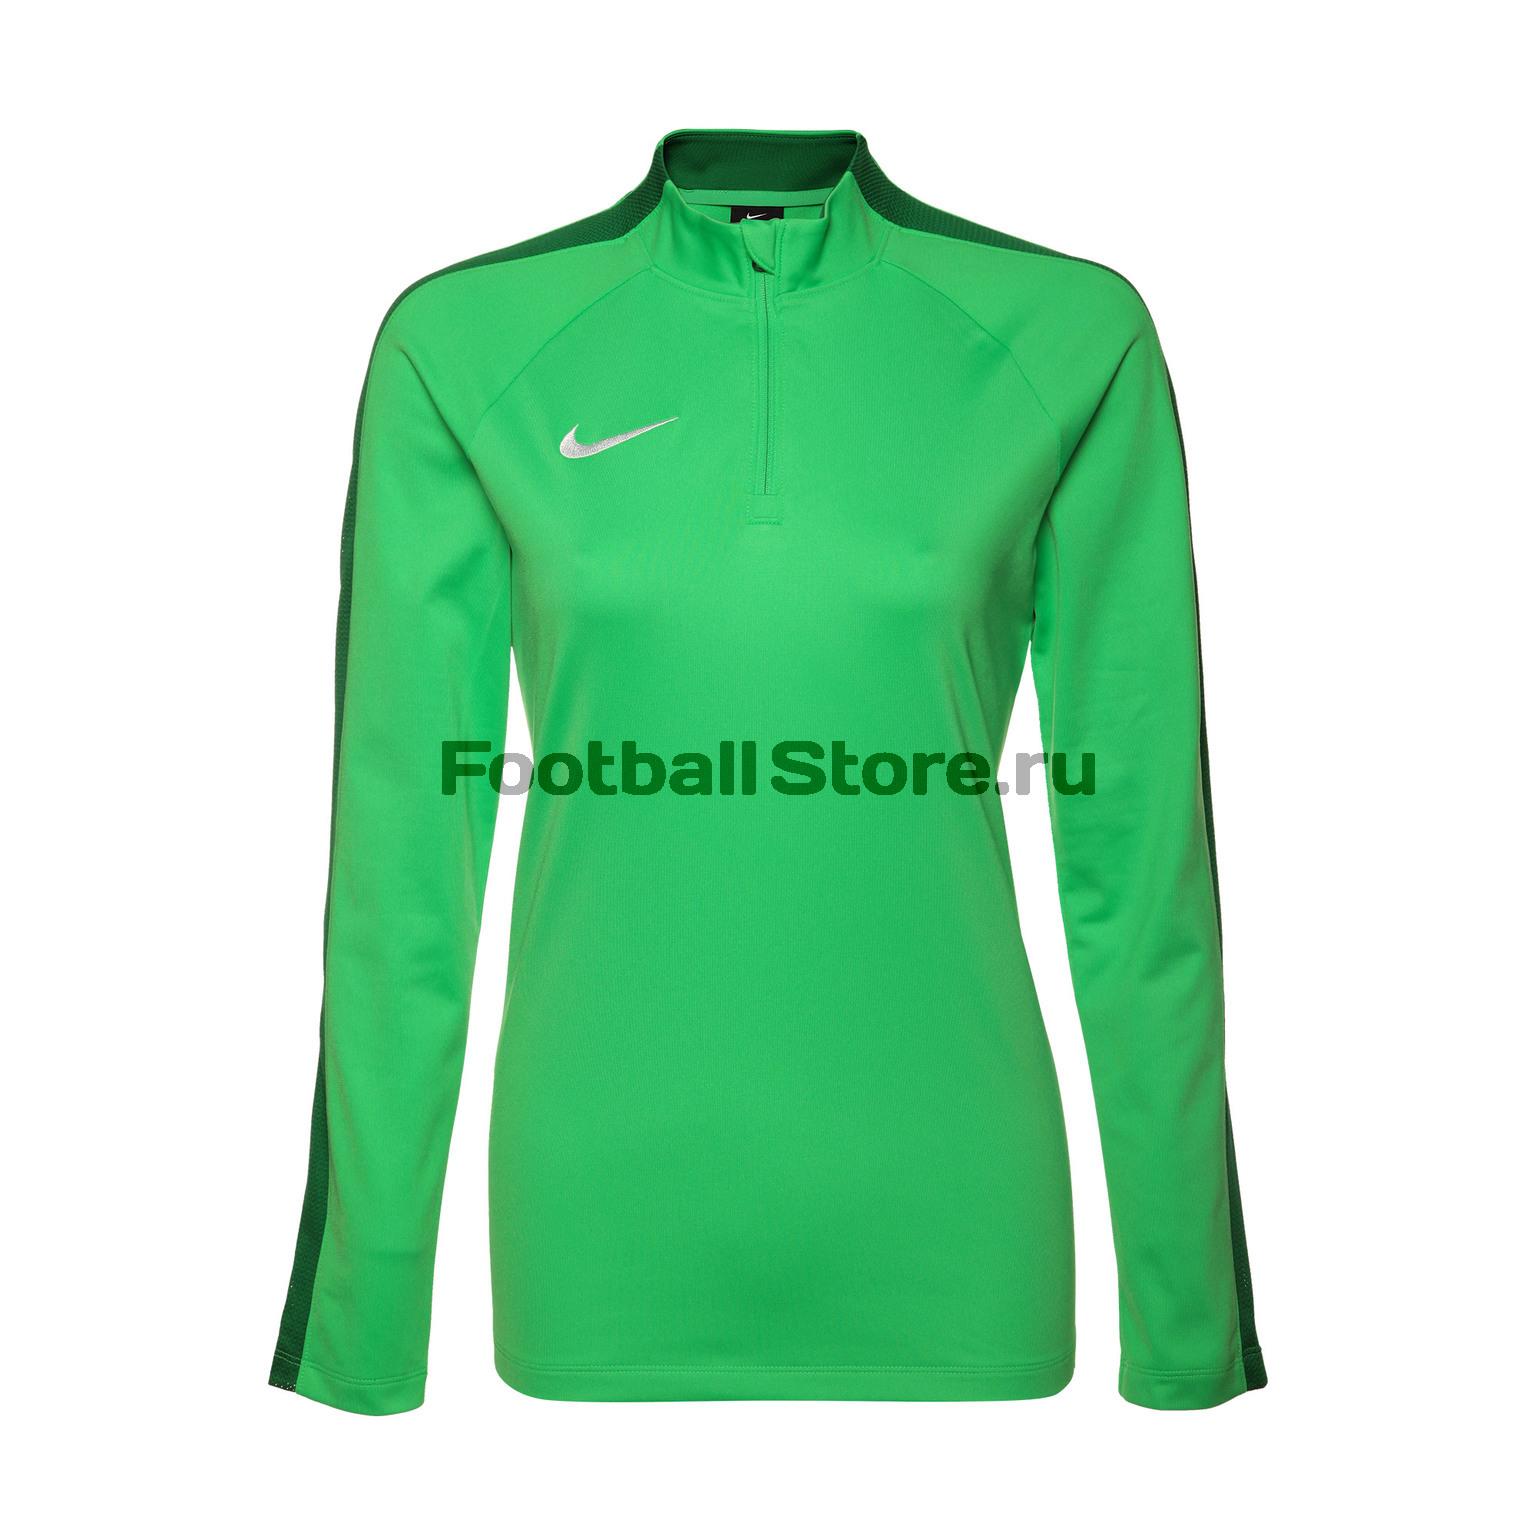 купить Свитер тренировочный женский Nike Academy 893710-361 недорого